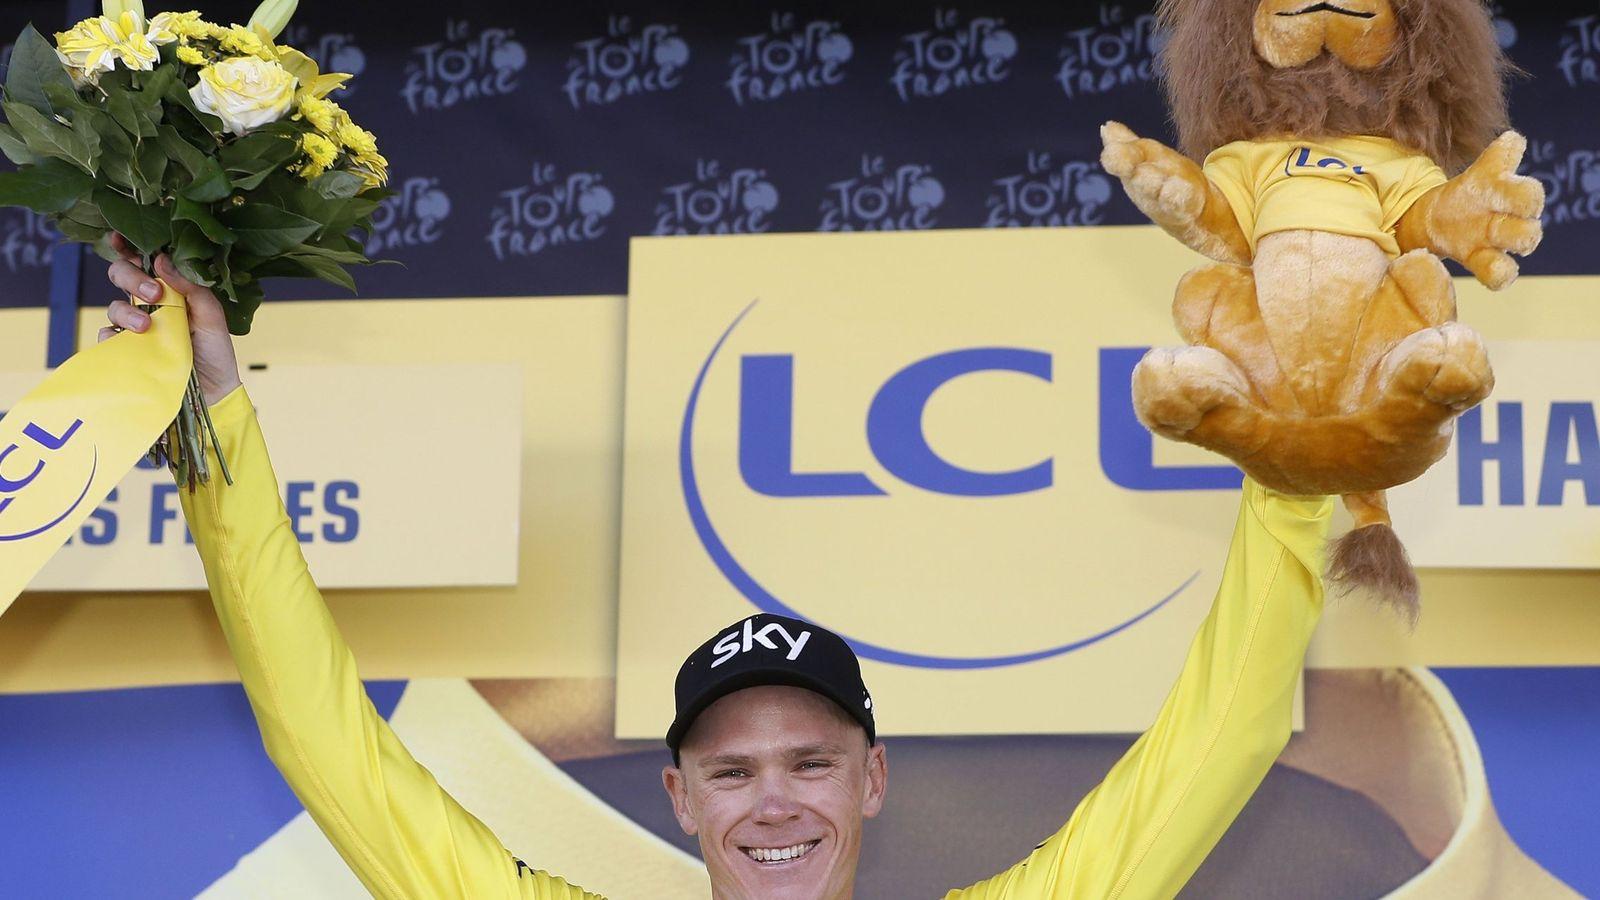 Foto: Chris Froome ya luce el maillot amarillo de líder del Tour de Francia. (EFE)